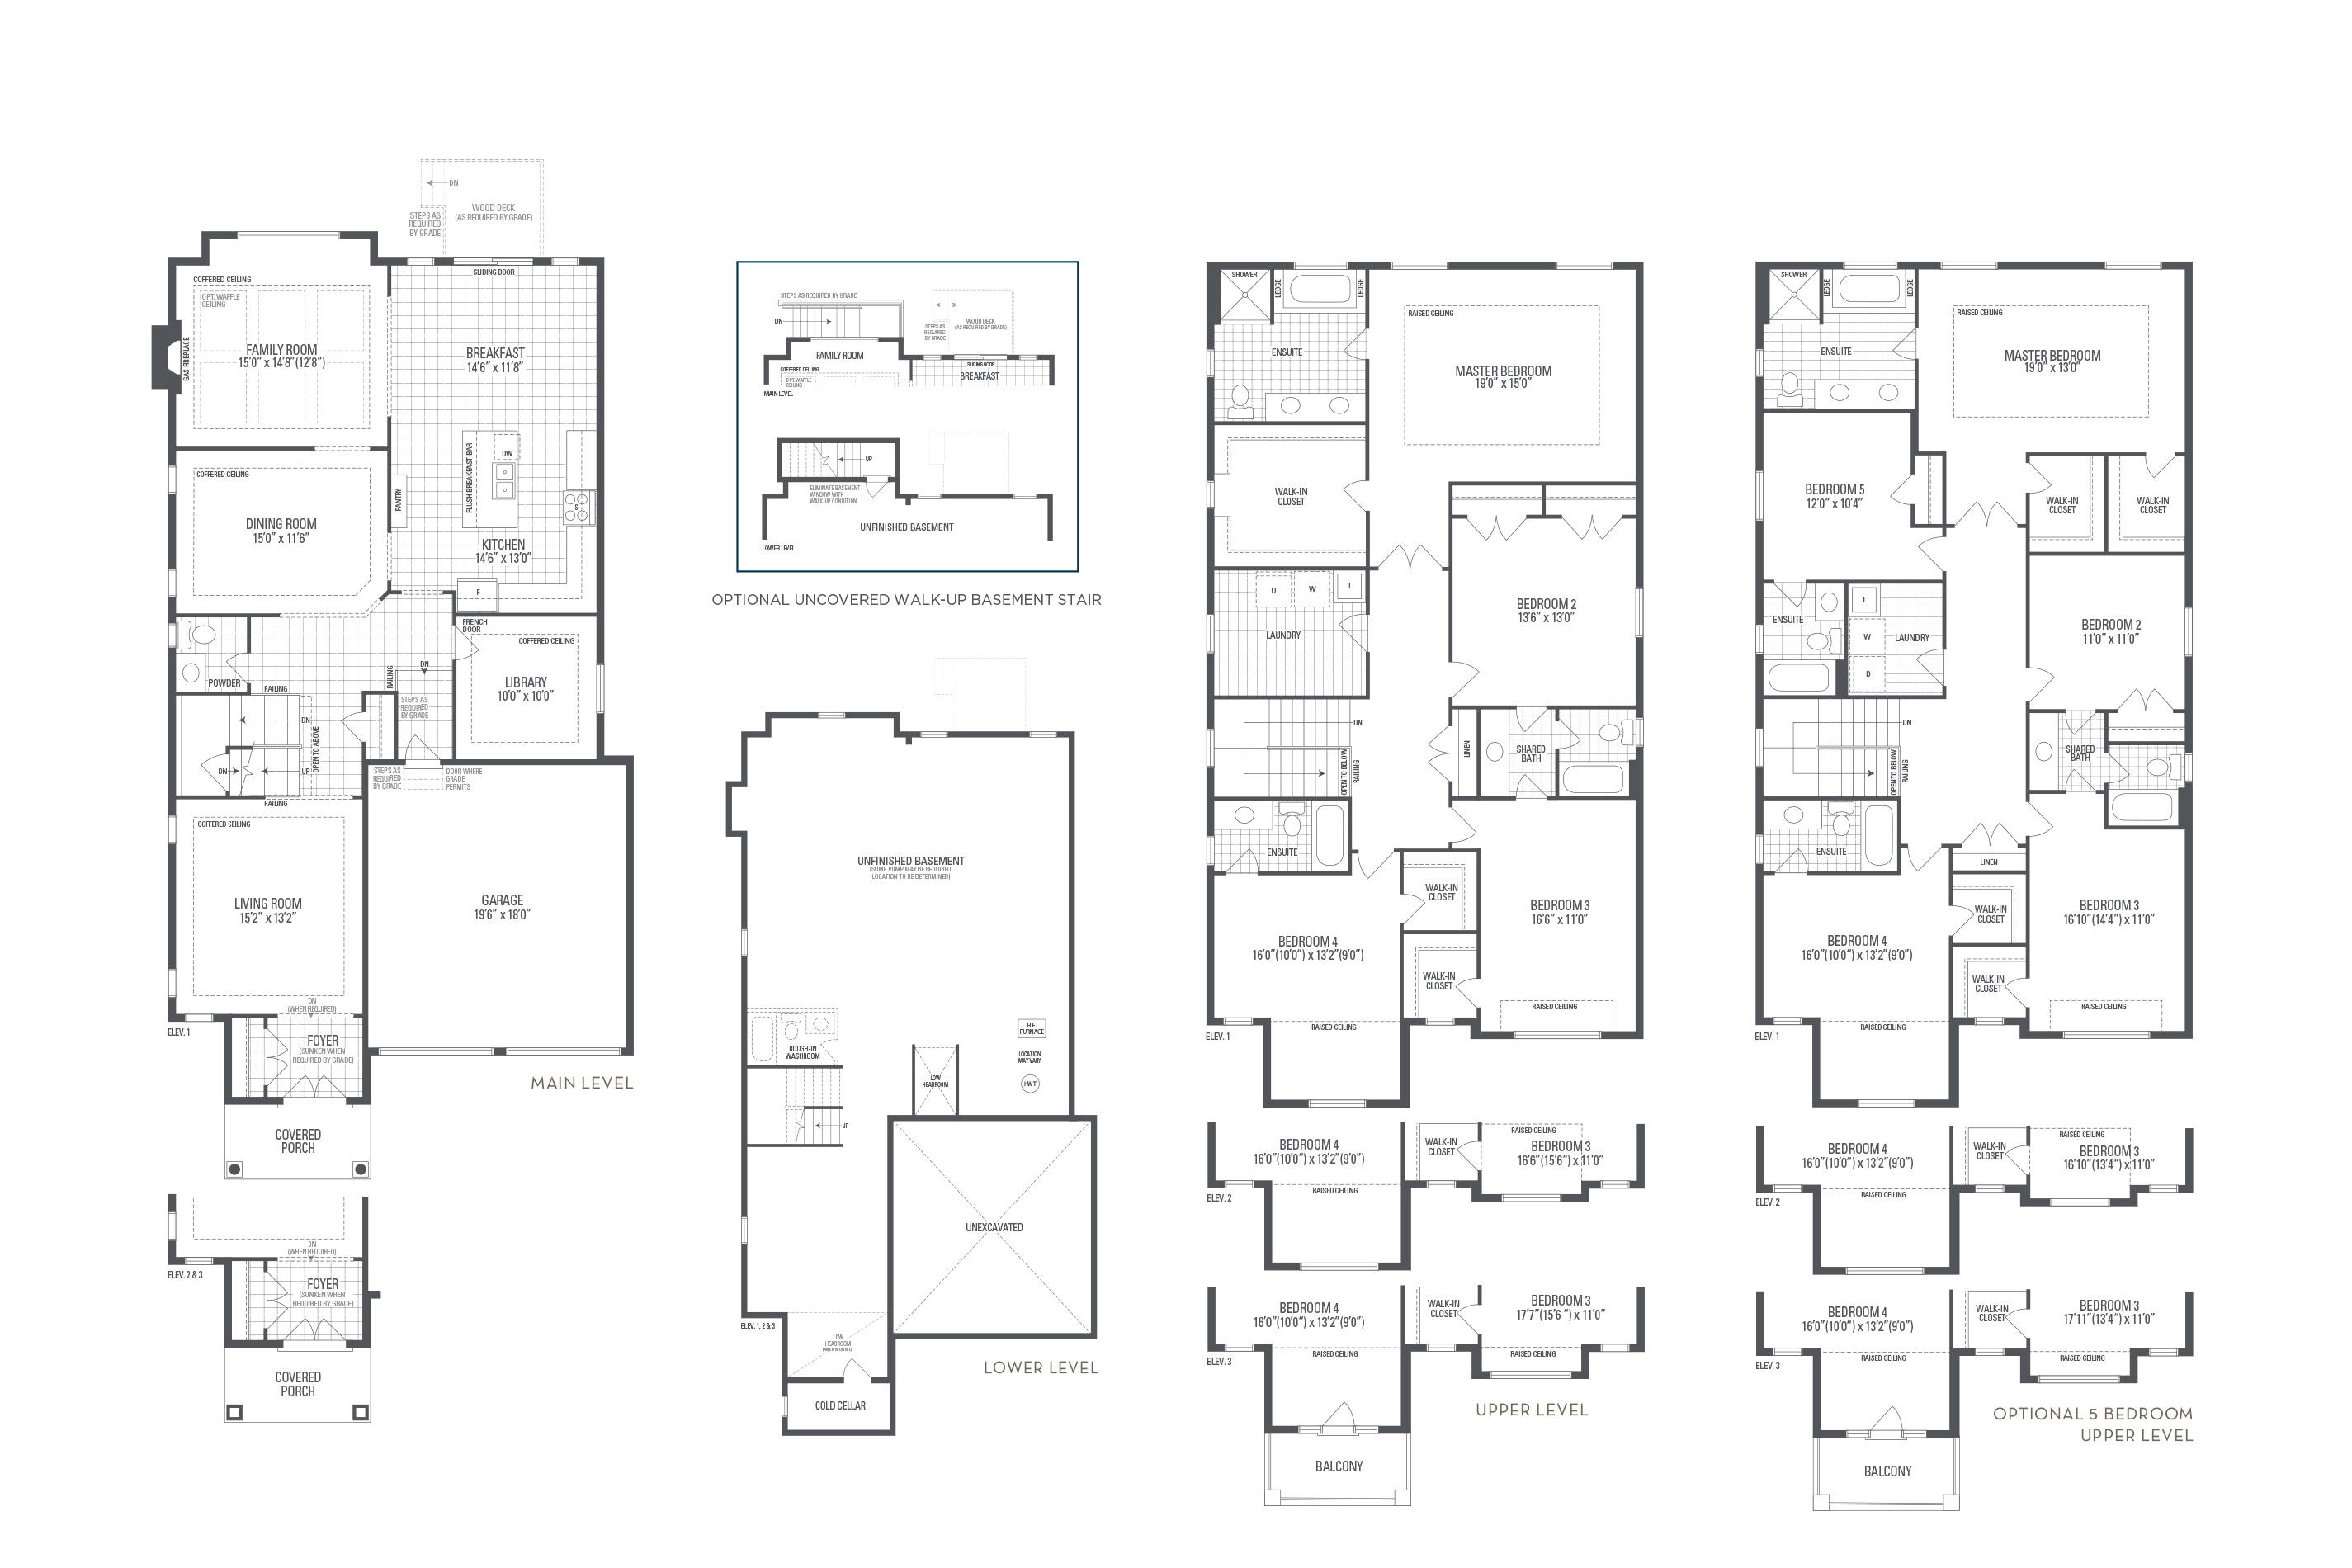 Manhattan 04 Elev. 2 Floorplan